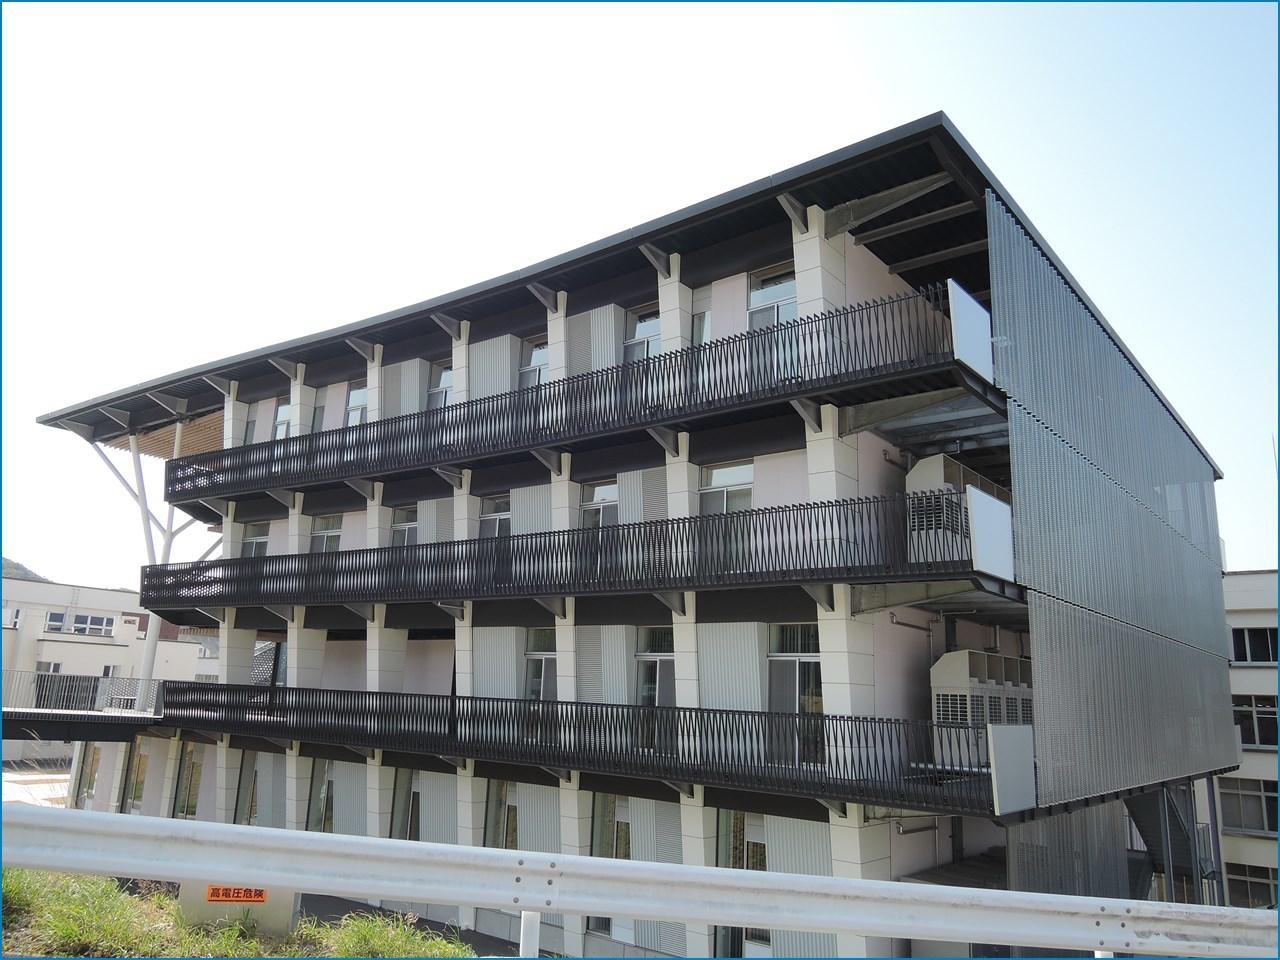 静岡理工科大学 理工学部 建築学科棟の見学 1_c0376508_15424508.jpg